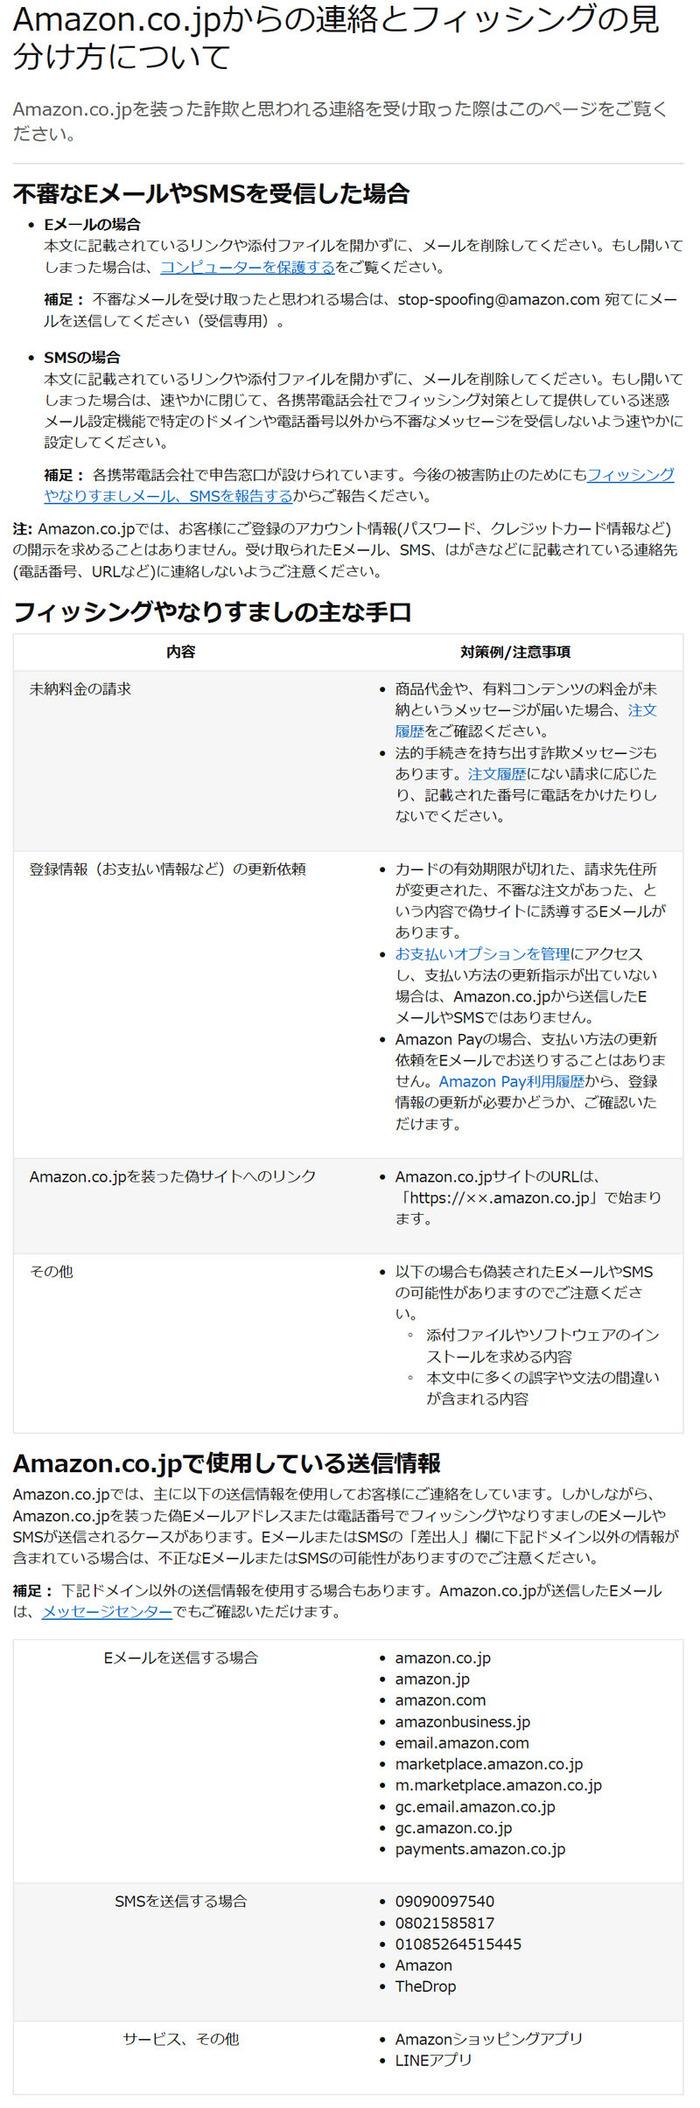 Amazon フィッシングメール800